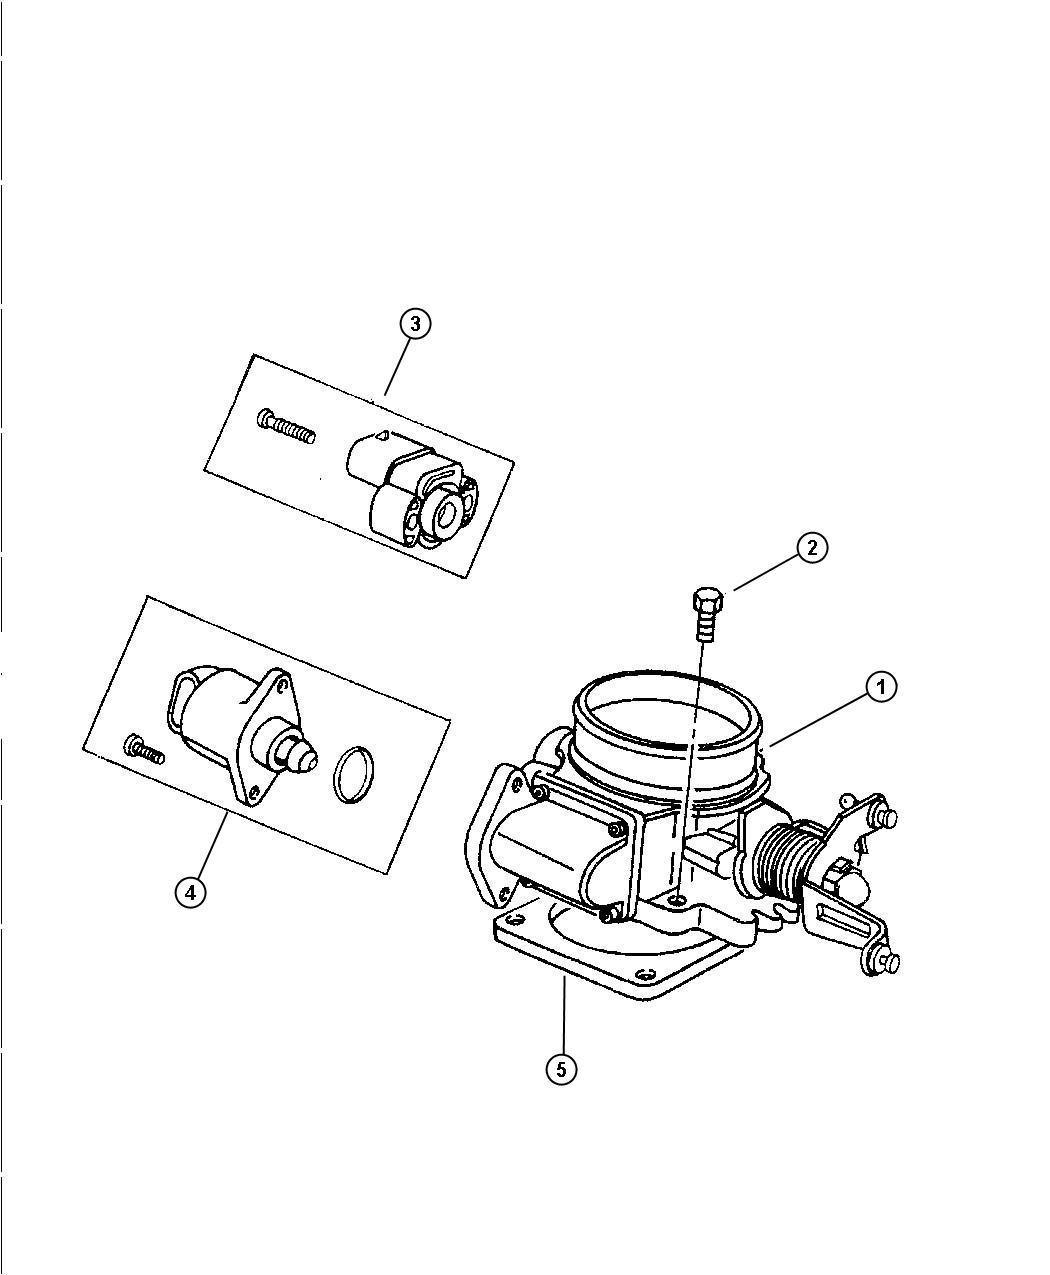 jeep cj5 wiring kit wiring diagram database tags 1977 jeep cj5 wiring harness 1974 jeep cj5 wiring diagram 1965 jeep cj5 wiring diagram 1971 jeep cj5 wiring diagram 1974 jeep cj5 wiring harness 1972